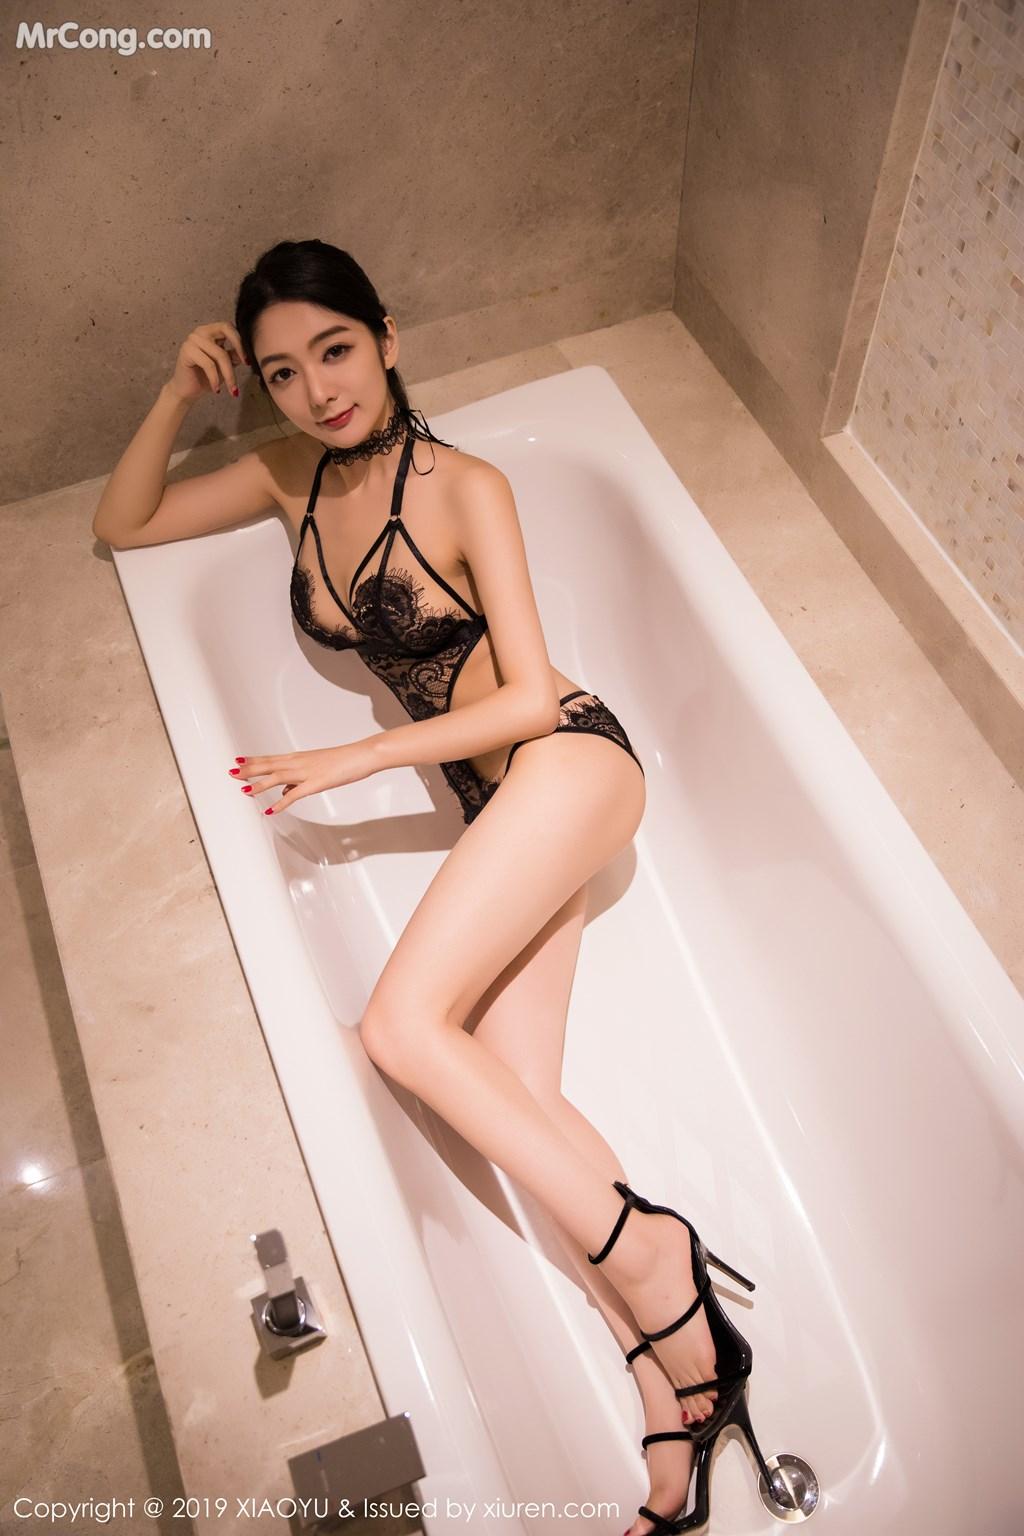 Image XiaoYu-Vol.041-Xiao-Reba-Angela-MrCong.com-022 in post XiaoYu Vol.041: Xiao Reba (Angela喜欢猫) (43 ảnh)